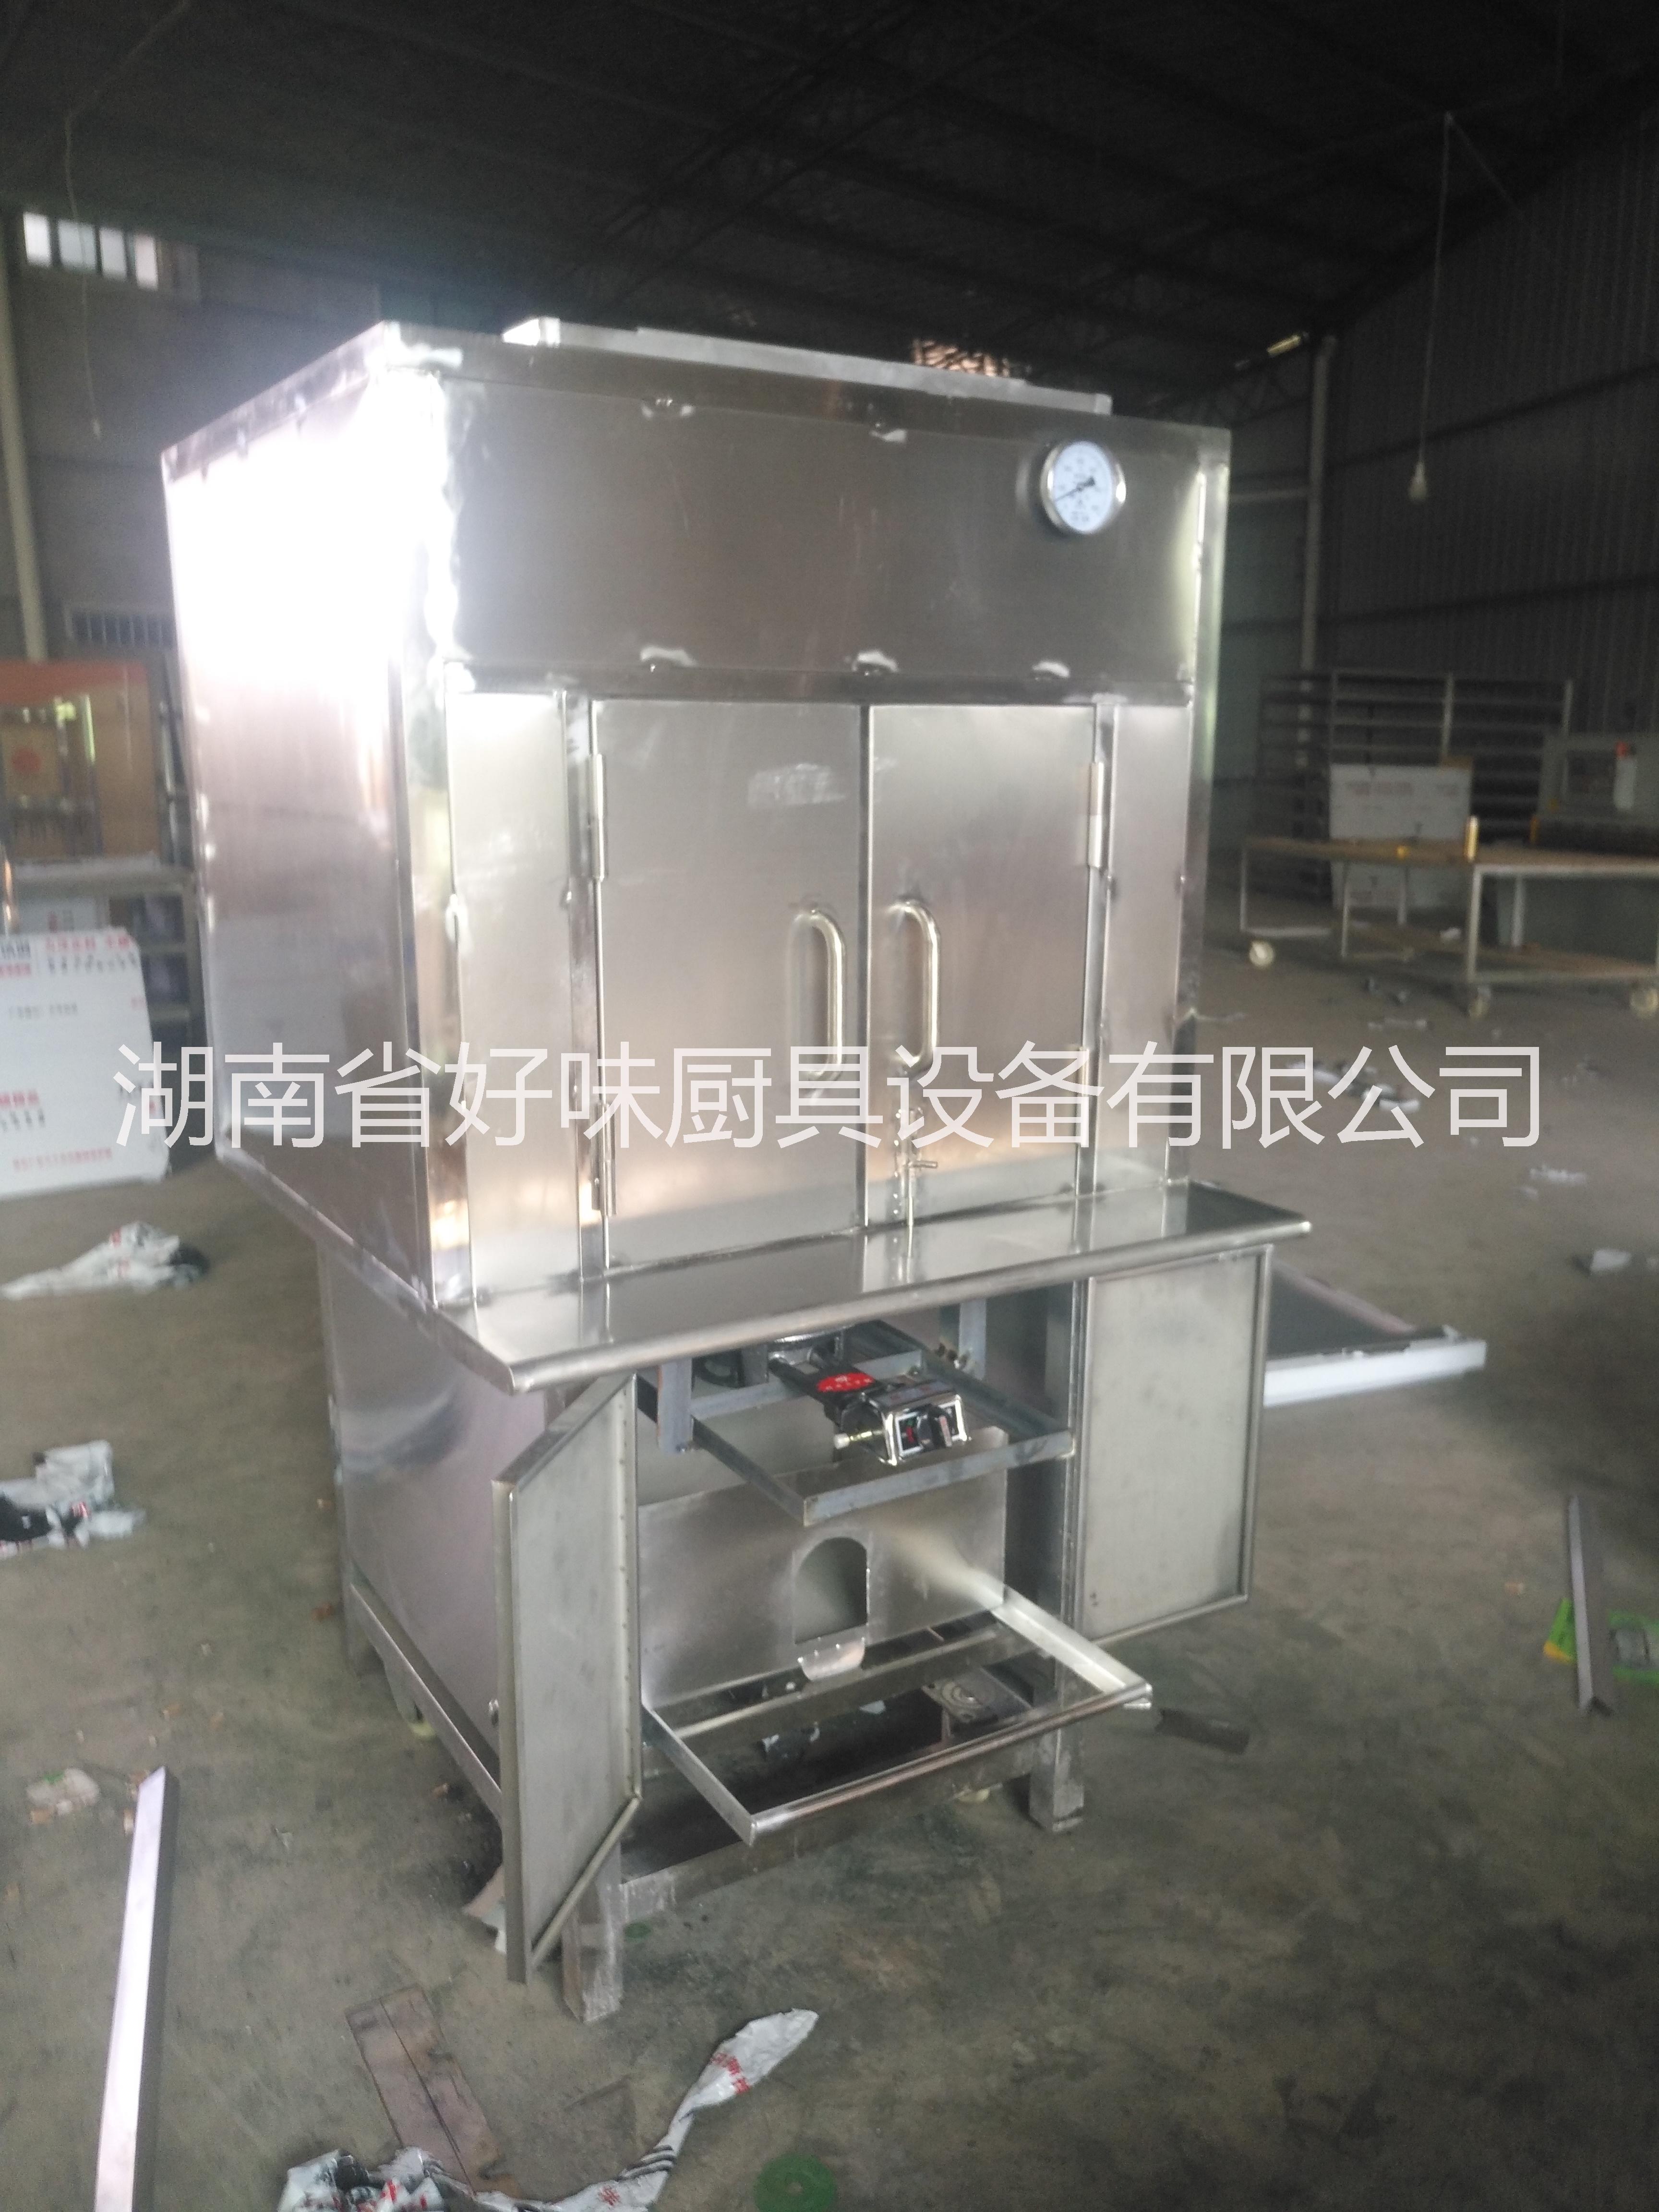 环保不锈钢面果木烤炉 生产供应 熏肉炉 韩式户外大型烧烤炉 电热烧烤炉